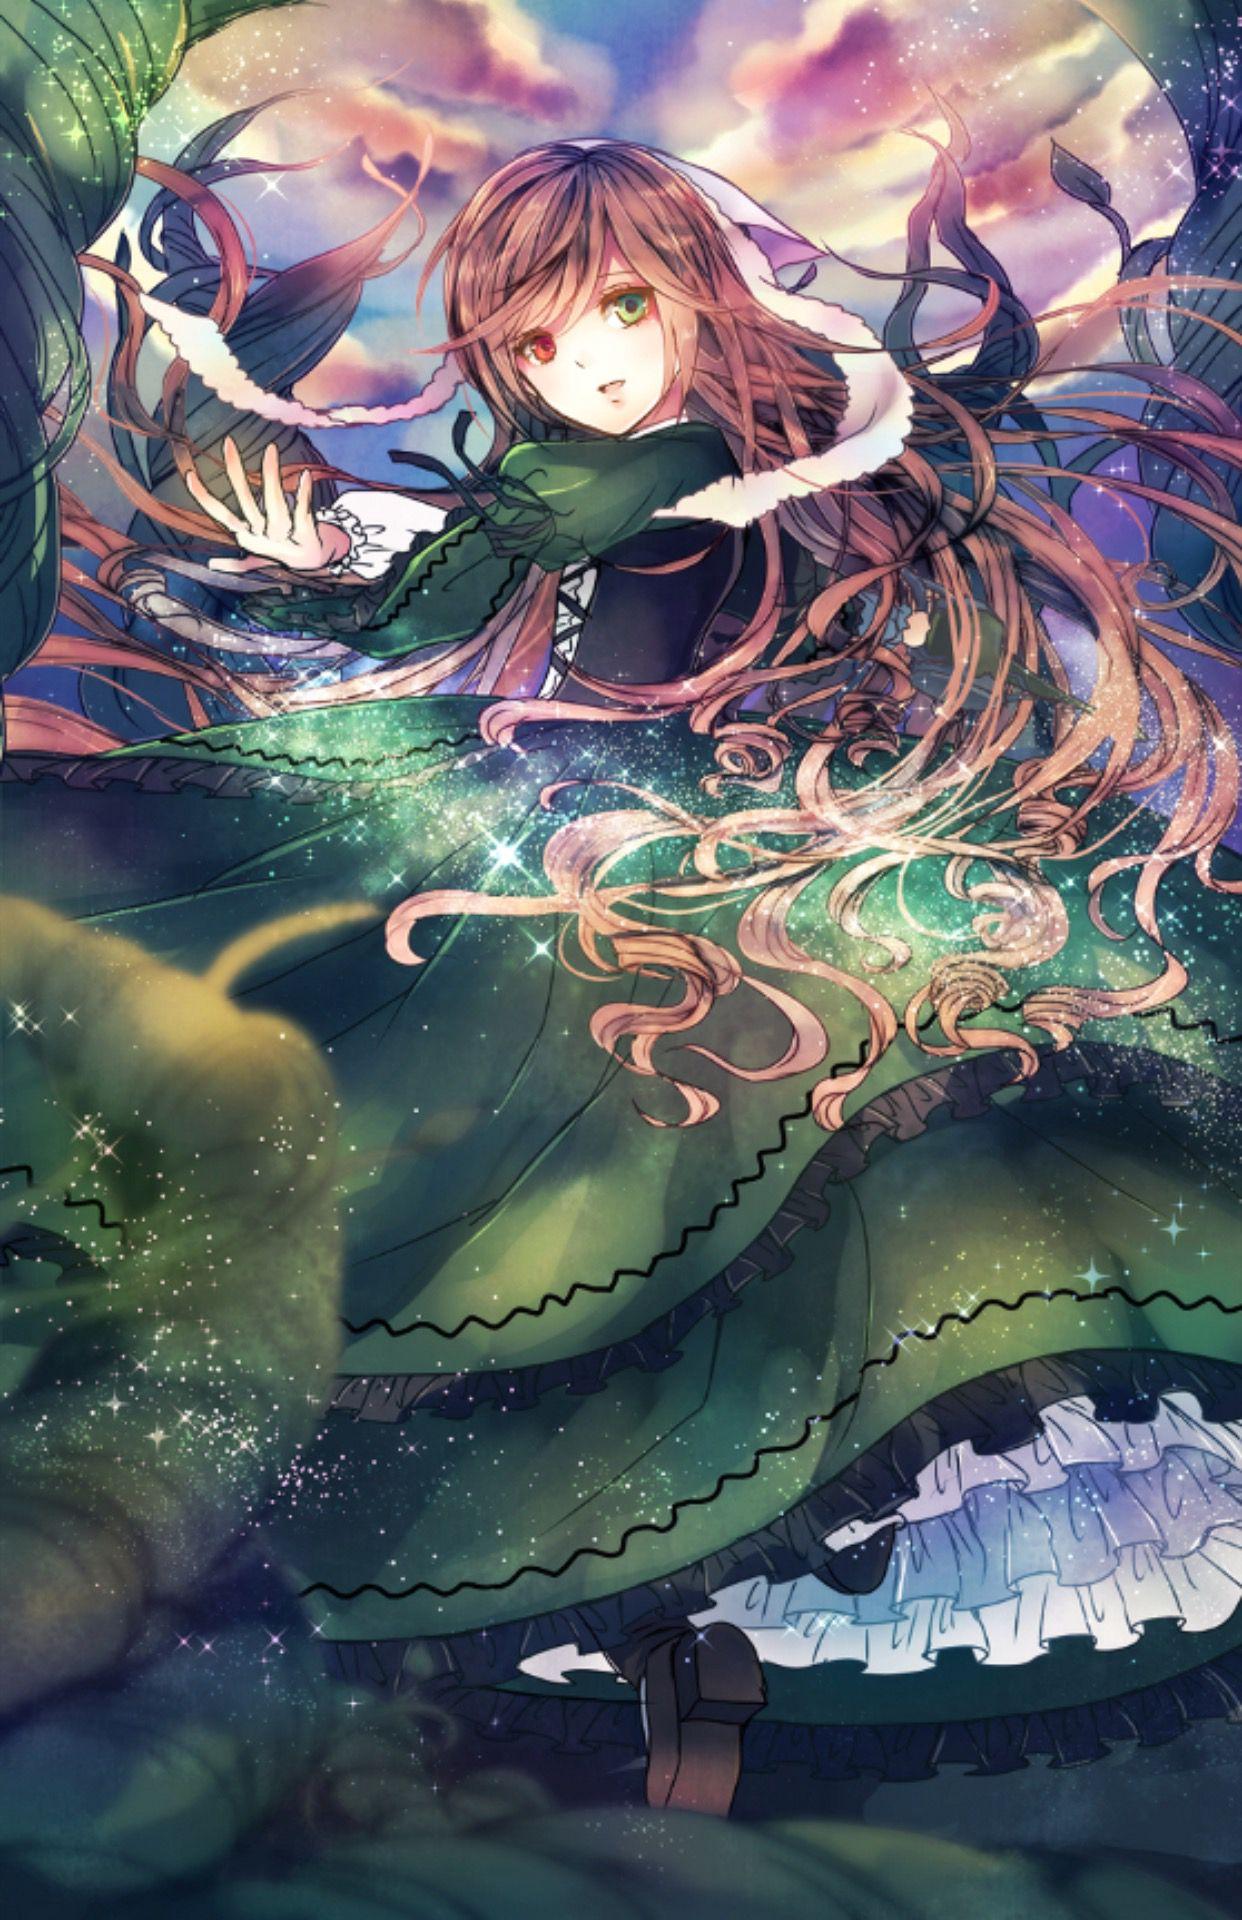 Đọc Truyện Shop ảnh anime - Phần 39 : Ảnh Anime Hiếm - ❤ ❤ ❤ - Wattpad - Wattpad